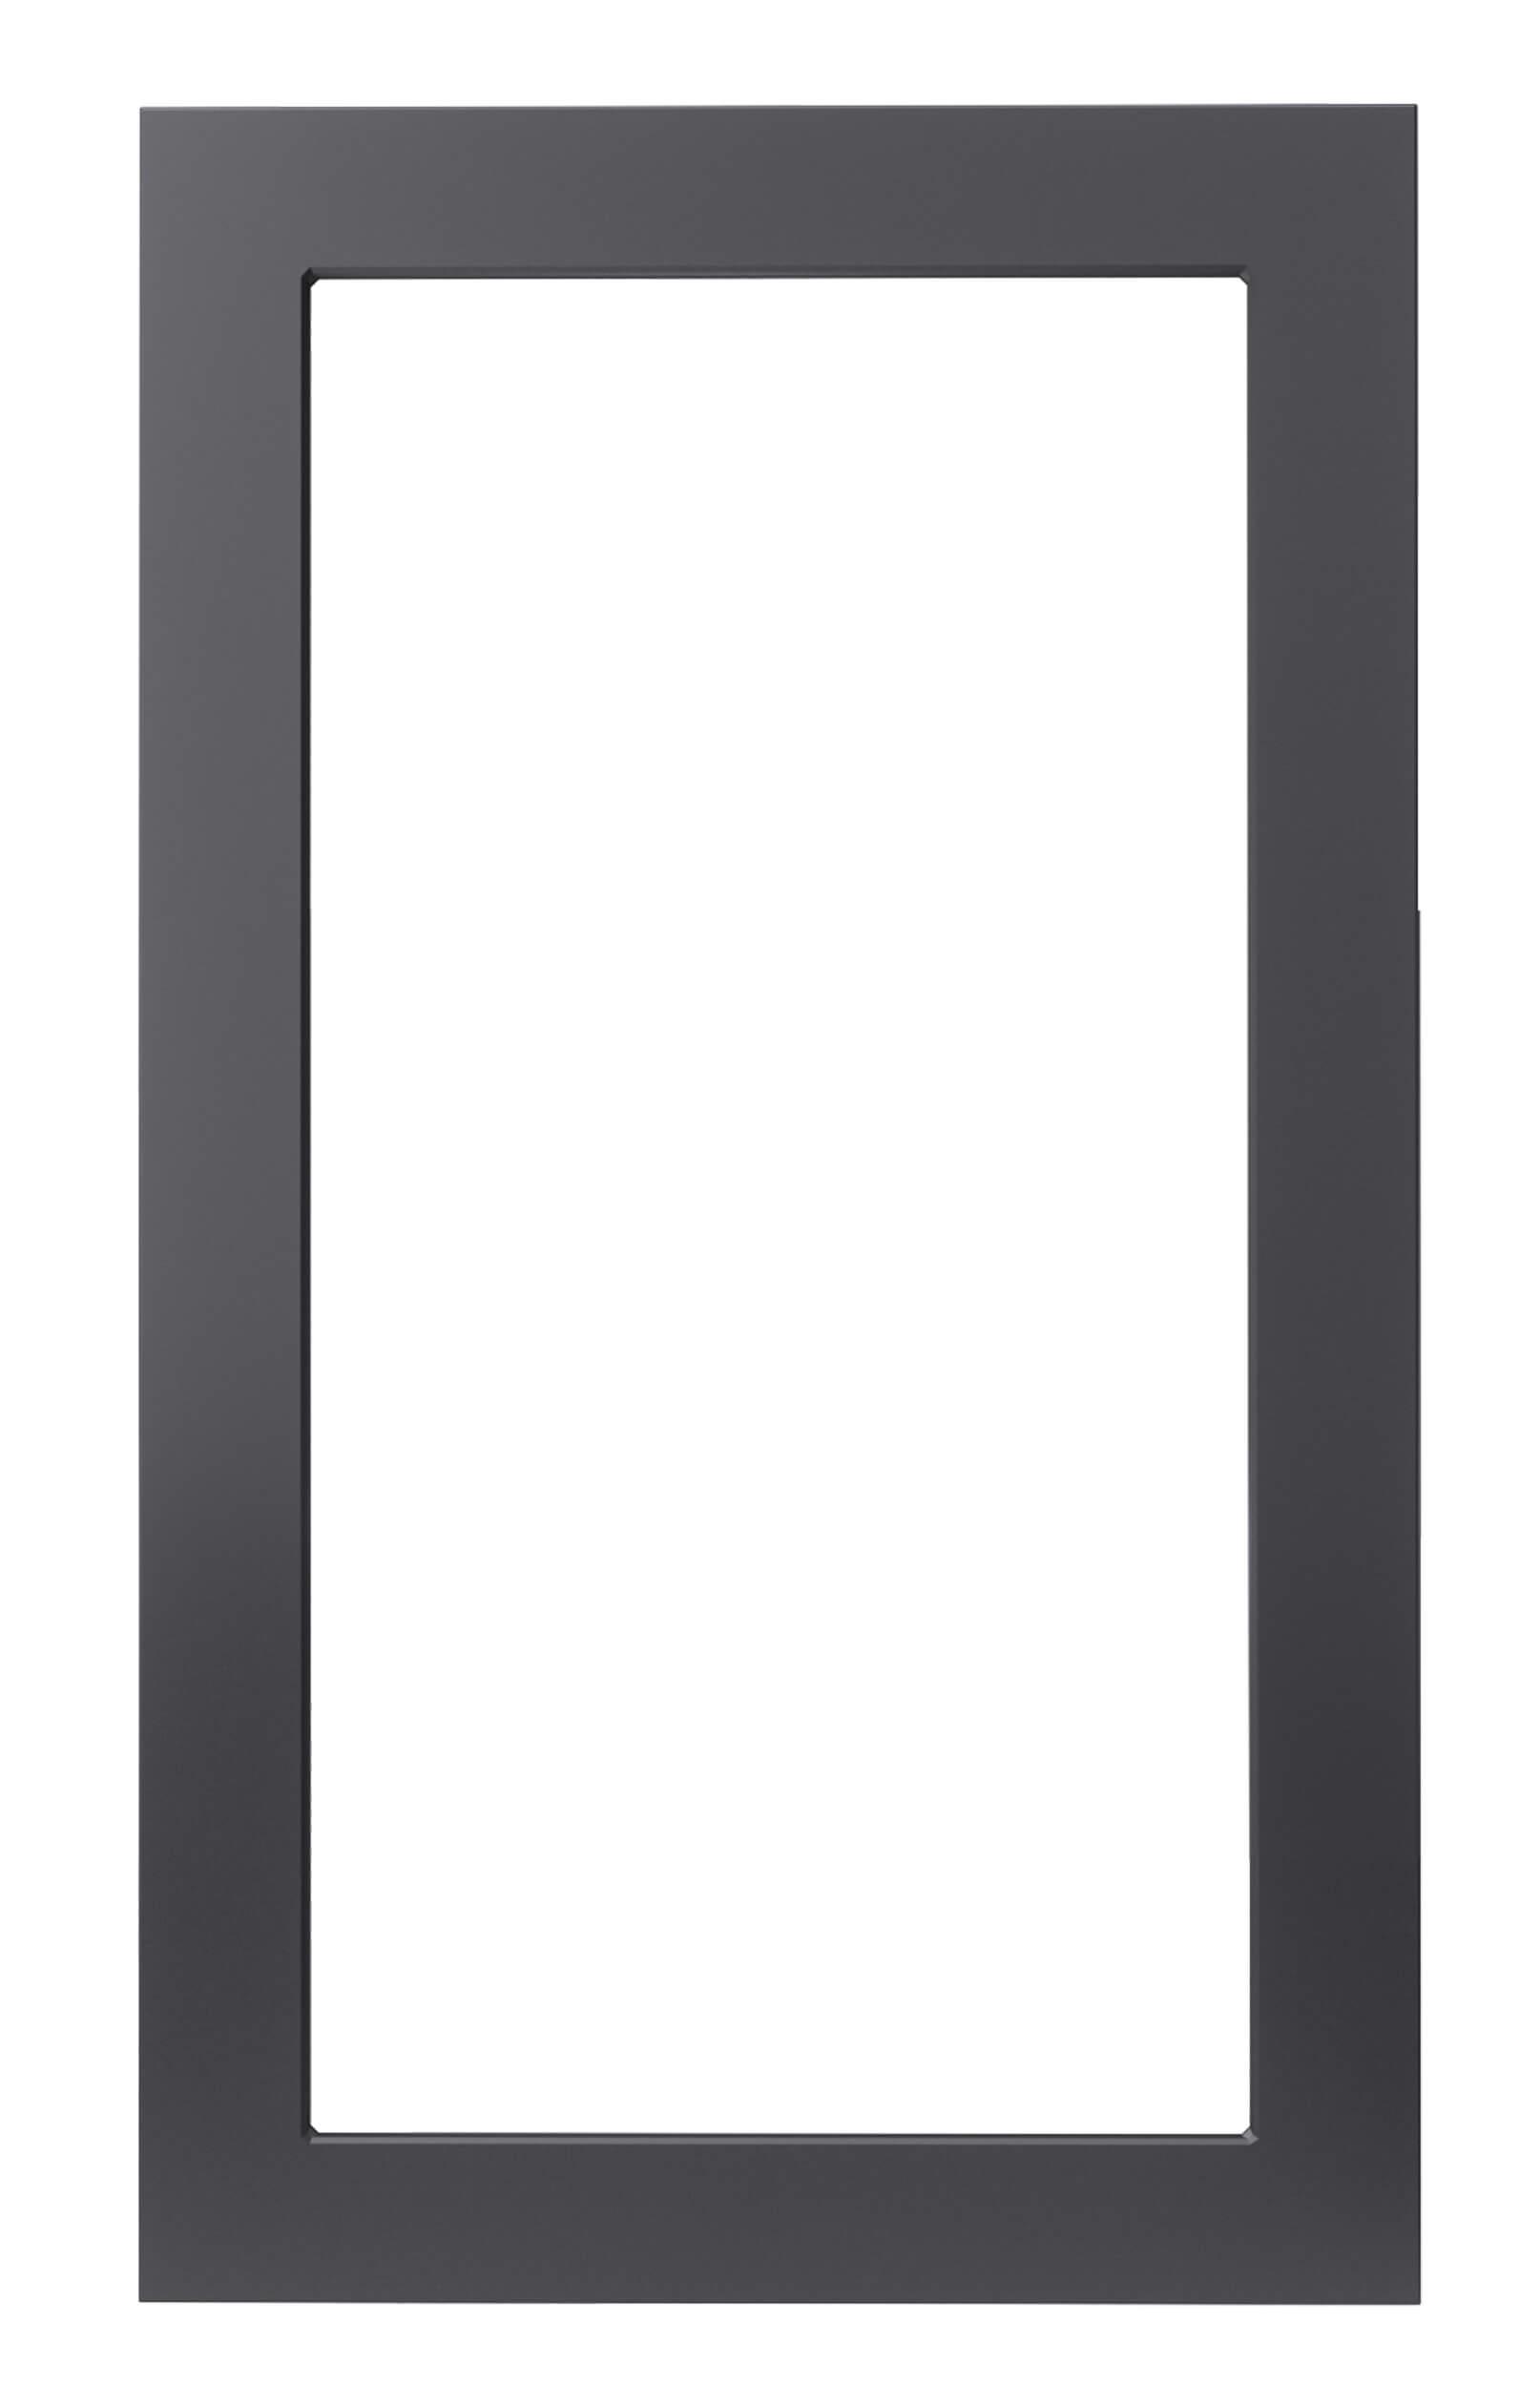 2er Rahmen - Hybrid Türsprechanlage Anthrazit